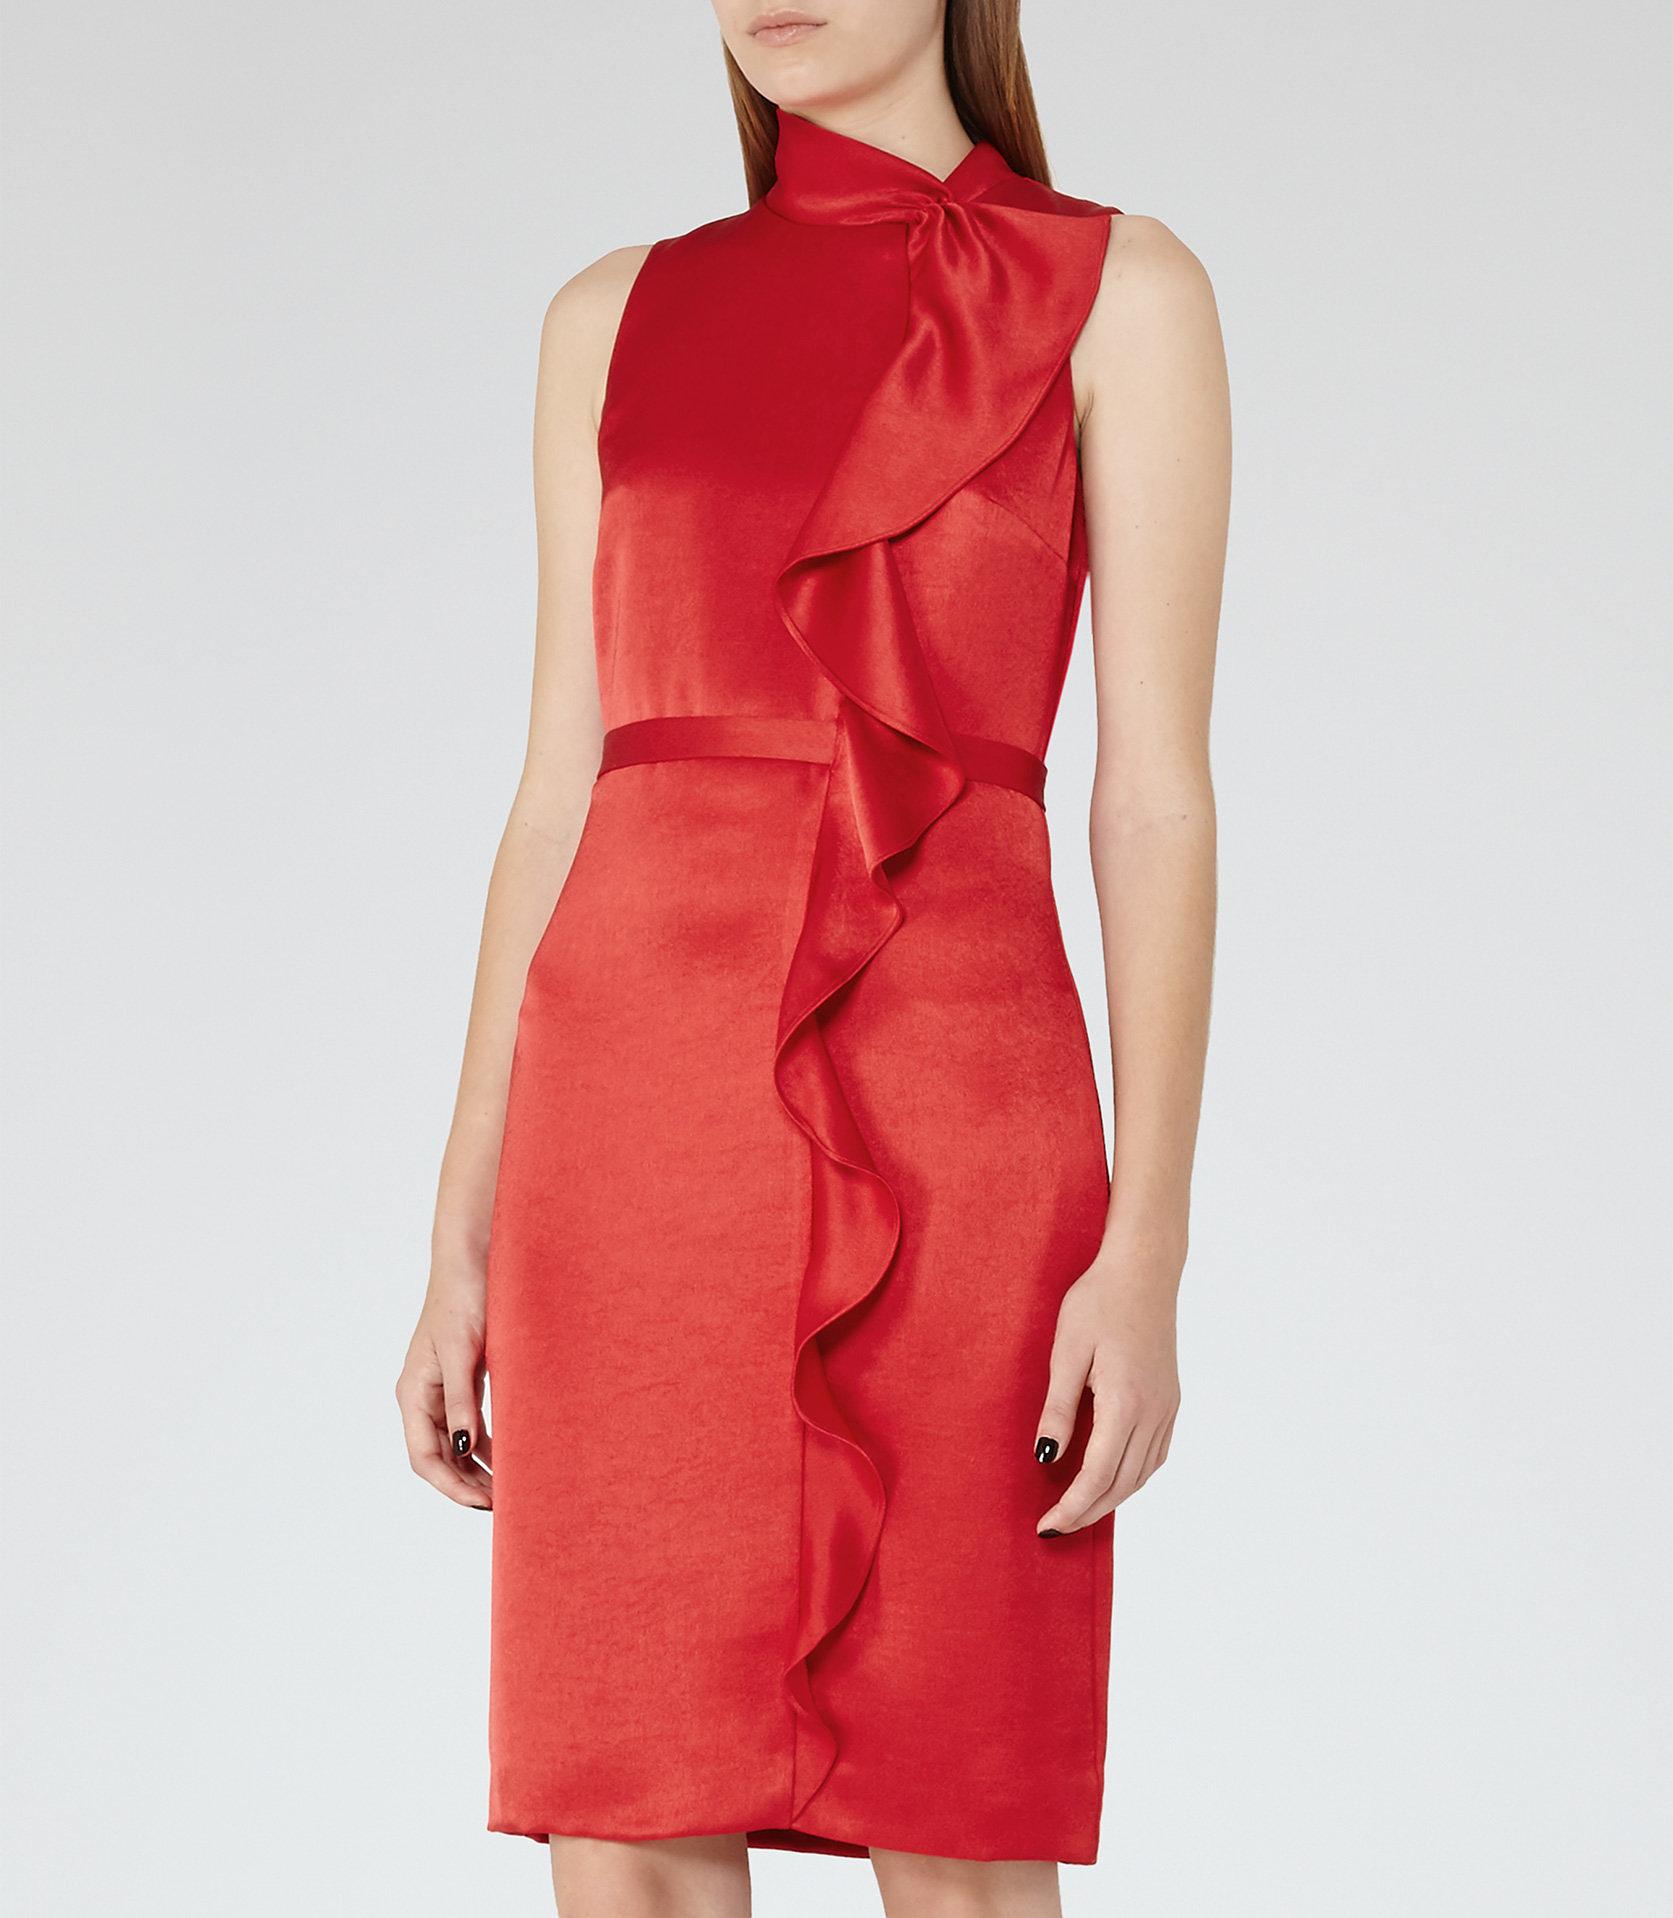 Lola china red dress 2